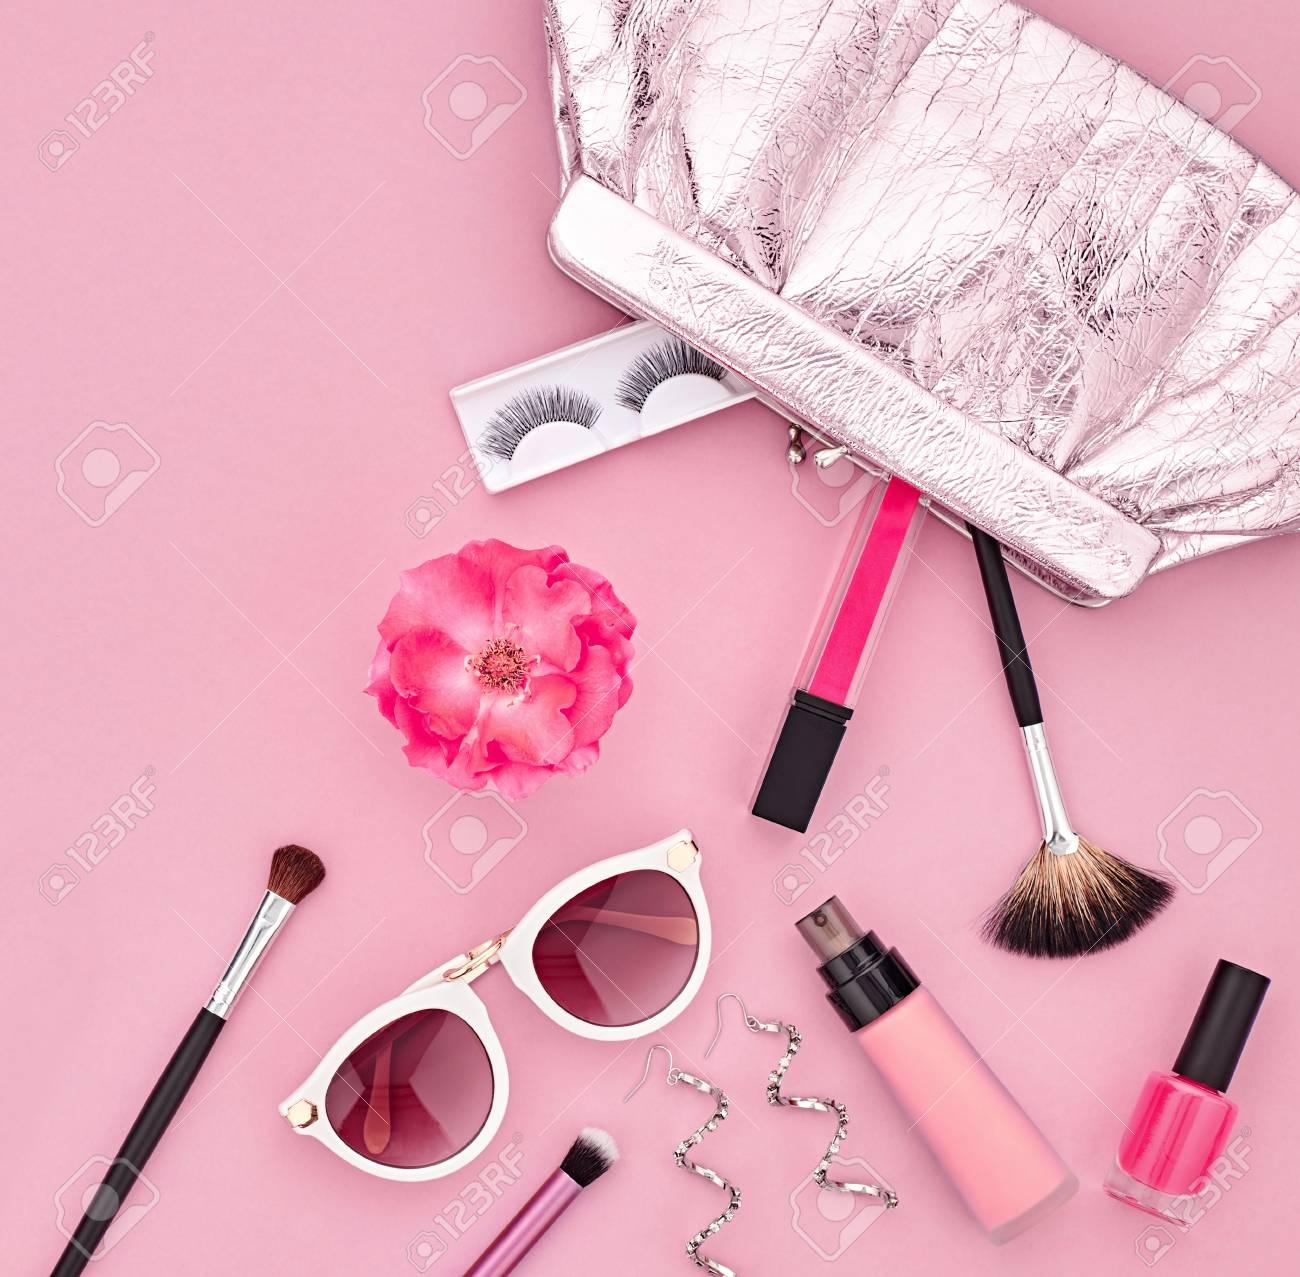 Maquillage De Mode Set Cosmetique Femme Accessoires Beaute Set